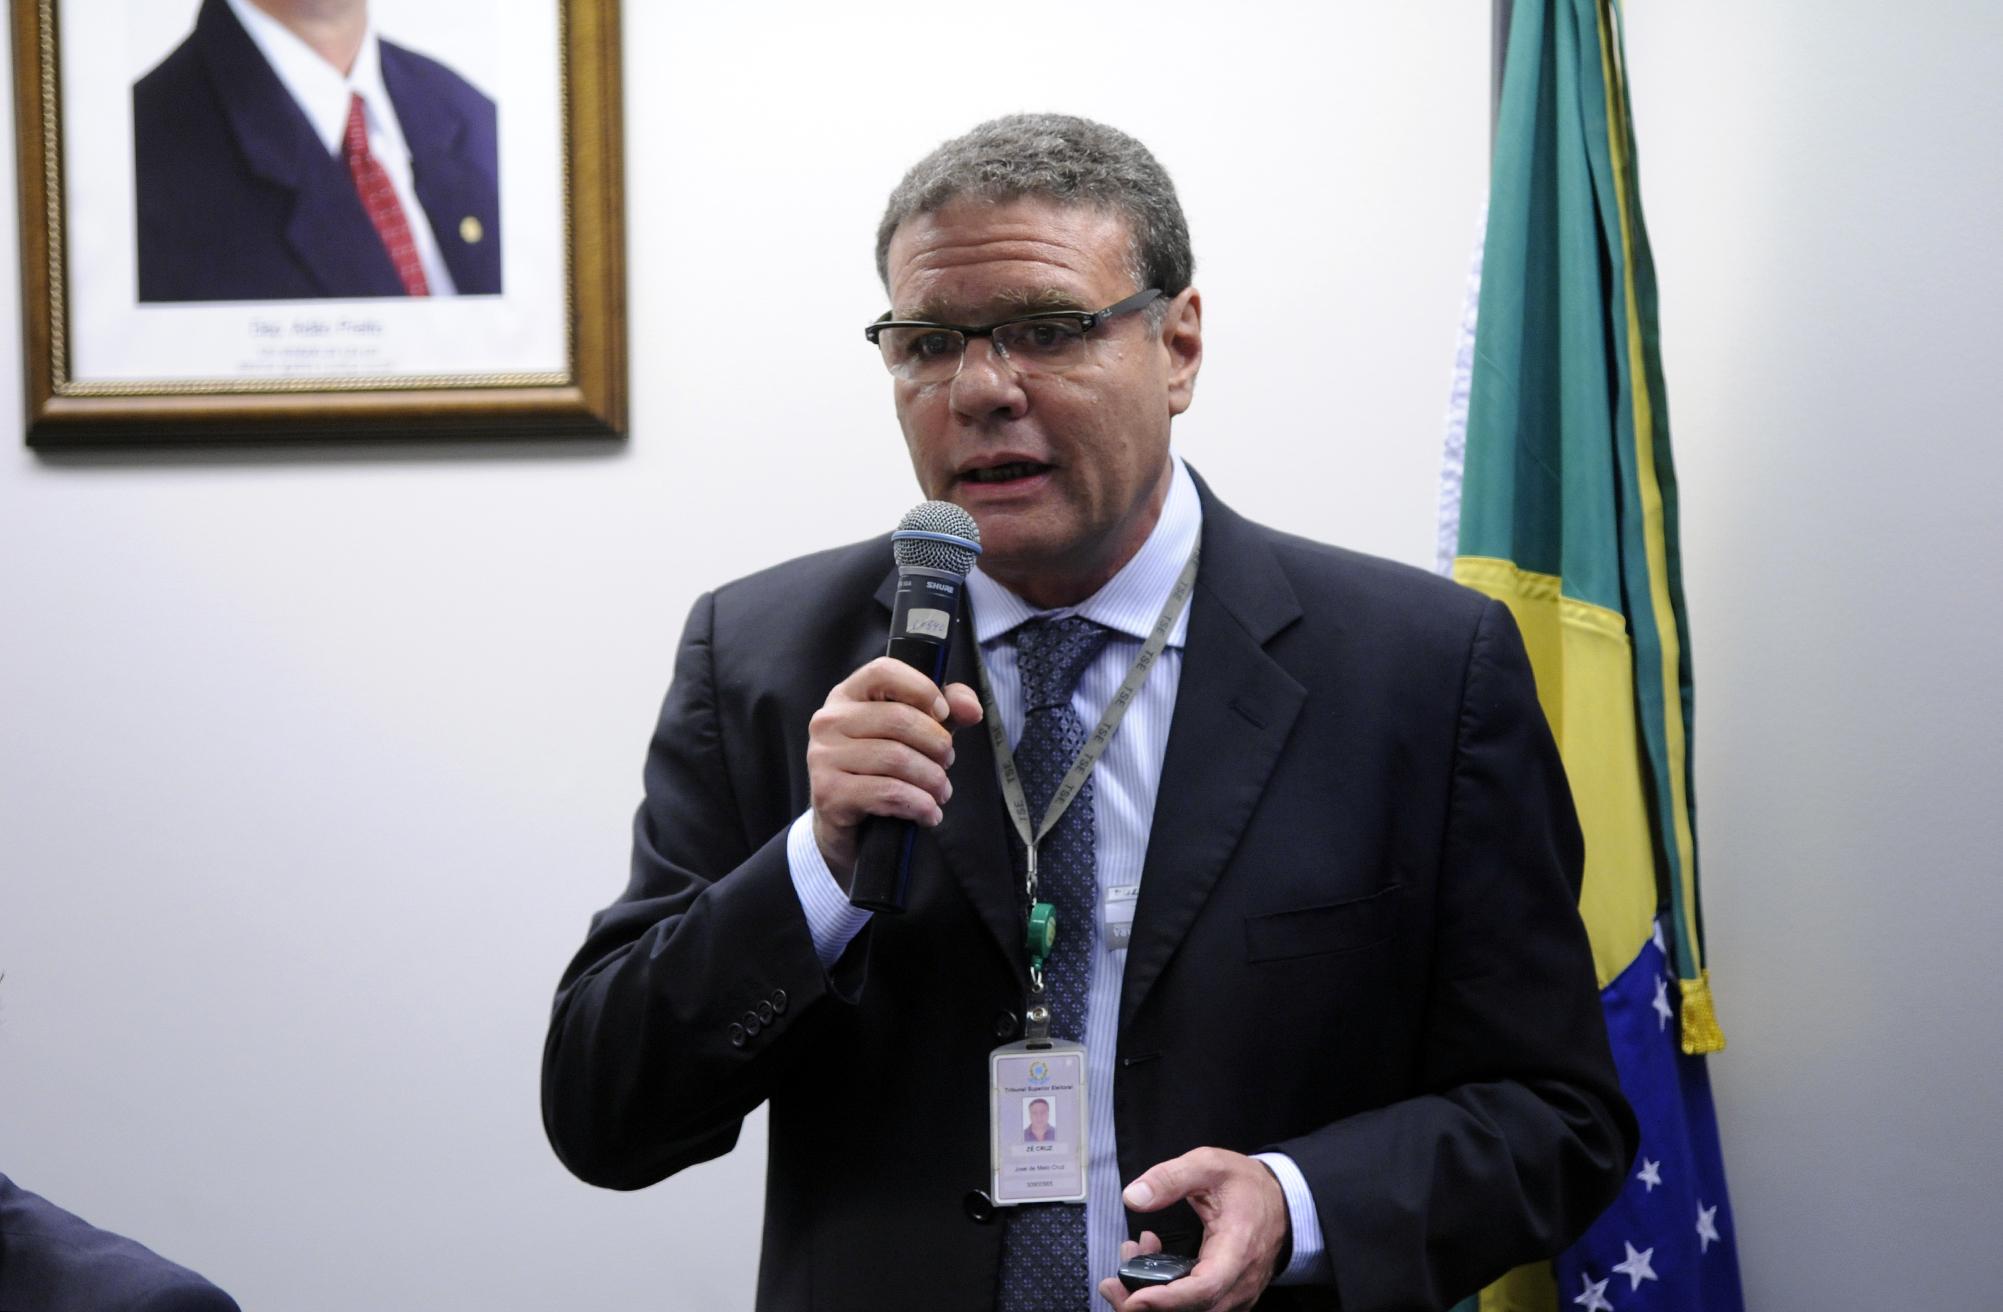 Audiência pública sobre o Sistema de Votação Eletrônica. Coordenador de Sistemas Eleitorais do TSE, José de Melo Cruz